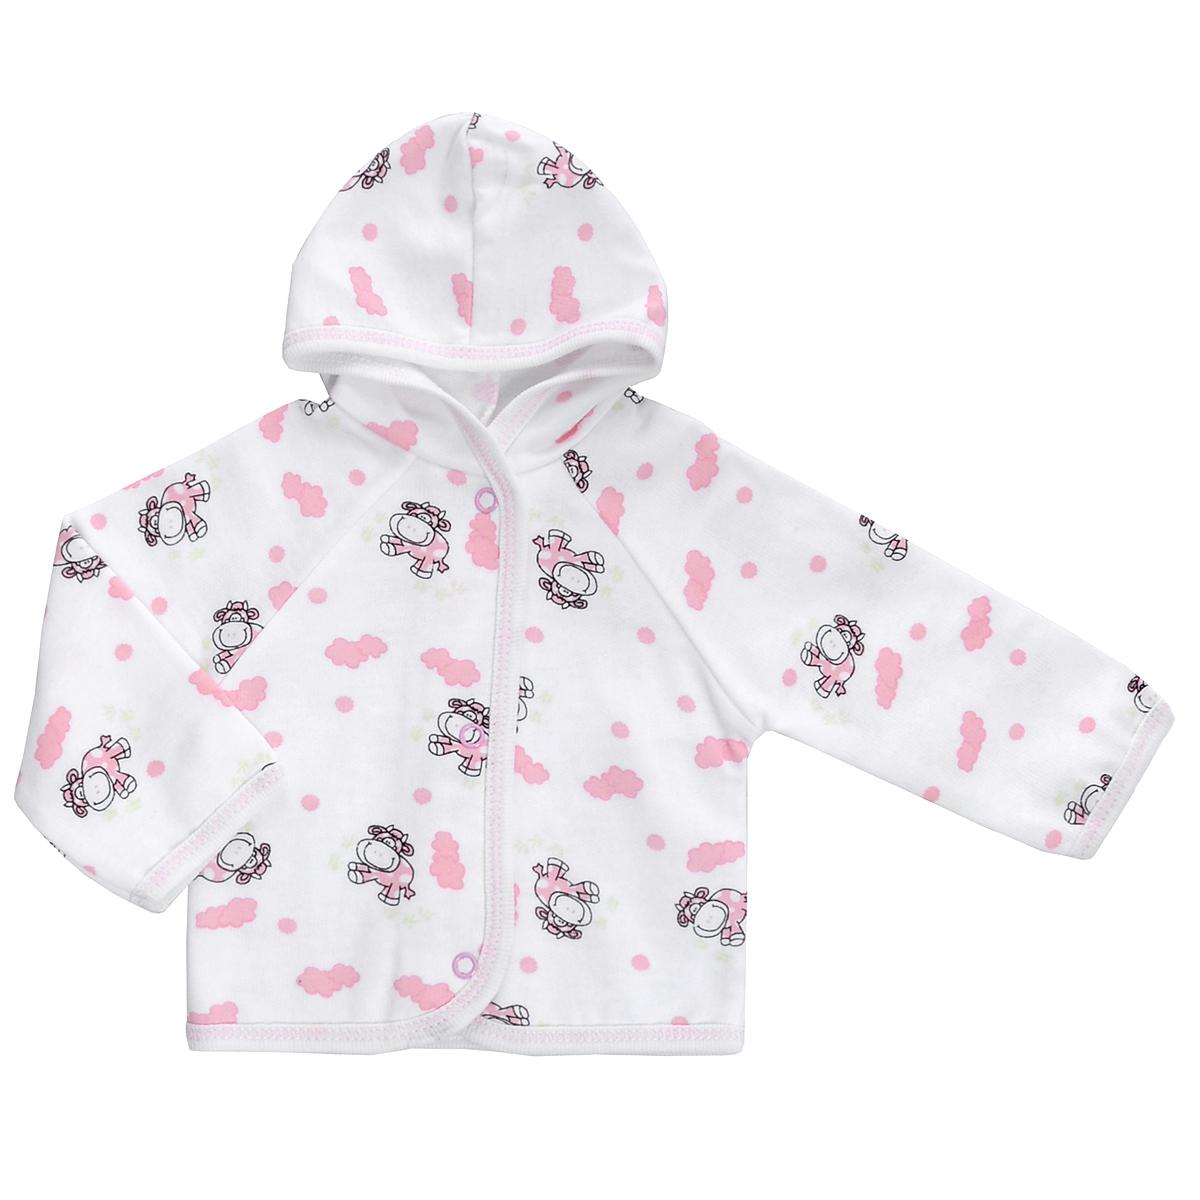 Кофточка детская Трон-плюс, цвет: белый, розовый, рисунок коровы. 5172. Размер 62, 3 месяца5172Теплая кофточка Трон-плюс идеально подойдет вашему младенцу и станет идеальным дополнением к гардеробу вашего ребенка, обеспечивая ему наибольший комфорт. Изготовленная из футера - натурального хлопка, она необычайно мягкая и легкая, не раздражает нежную кожу ребенка и хорошо вентилируется, а эластичные швы приятны телу малыша и не препятствуют его движениям. Удобные застежки-кнопки по всей длине помогают легко переодеть младенца. Модель с длинными рукавами-реглан дополнена капюшоном. По краям кофточка обработана бейкой и украшена оригинальным принтом.Кофточка полностью соответствует особенностям жизни ребенка в ранний период, не стесняя и не ограничивая его в движениях.